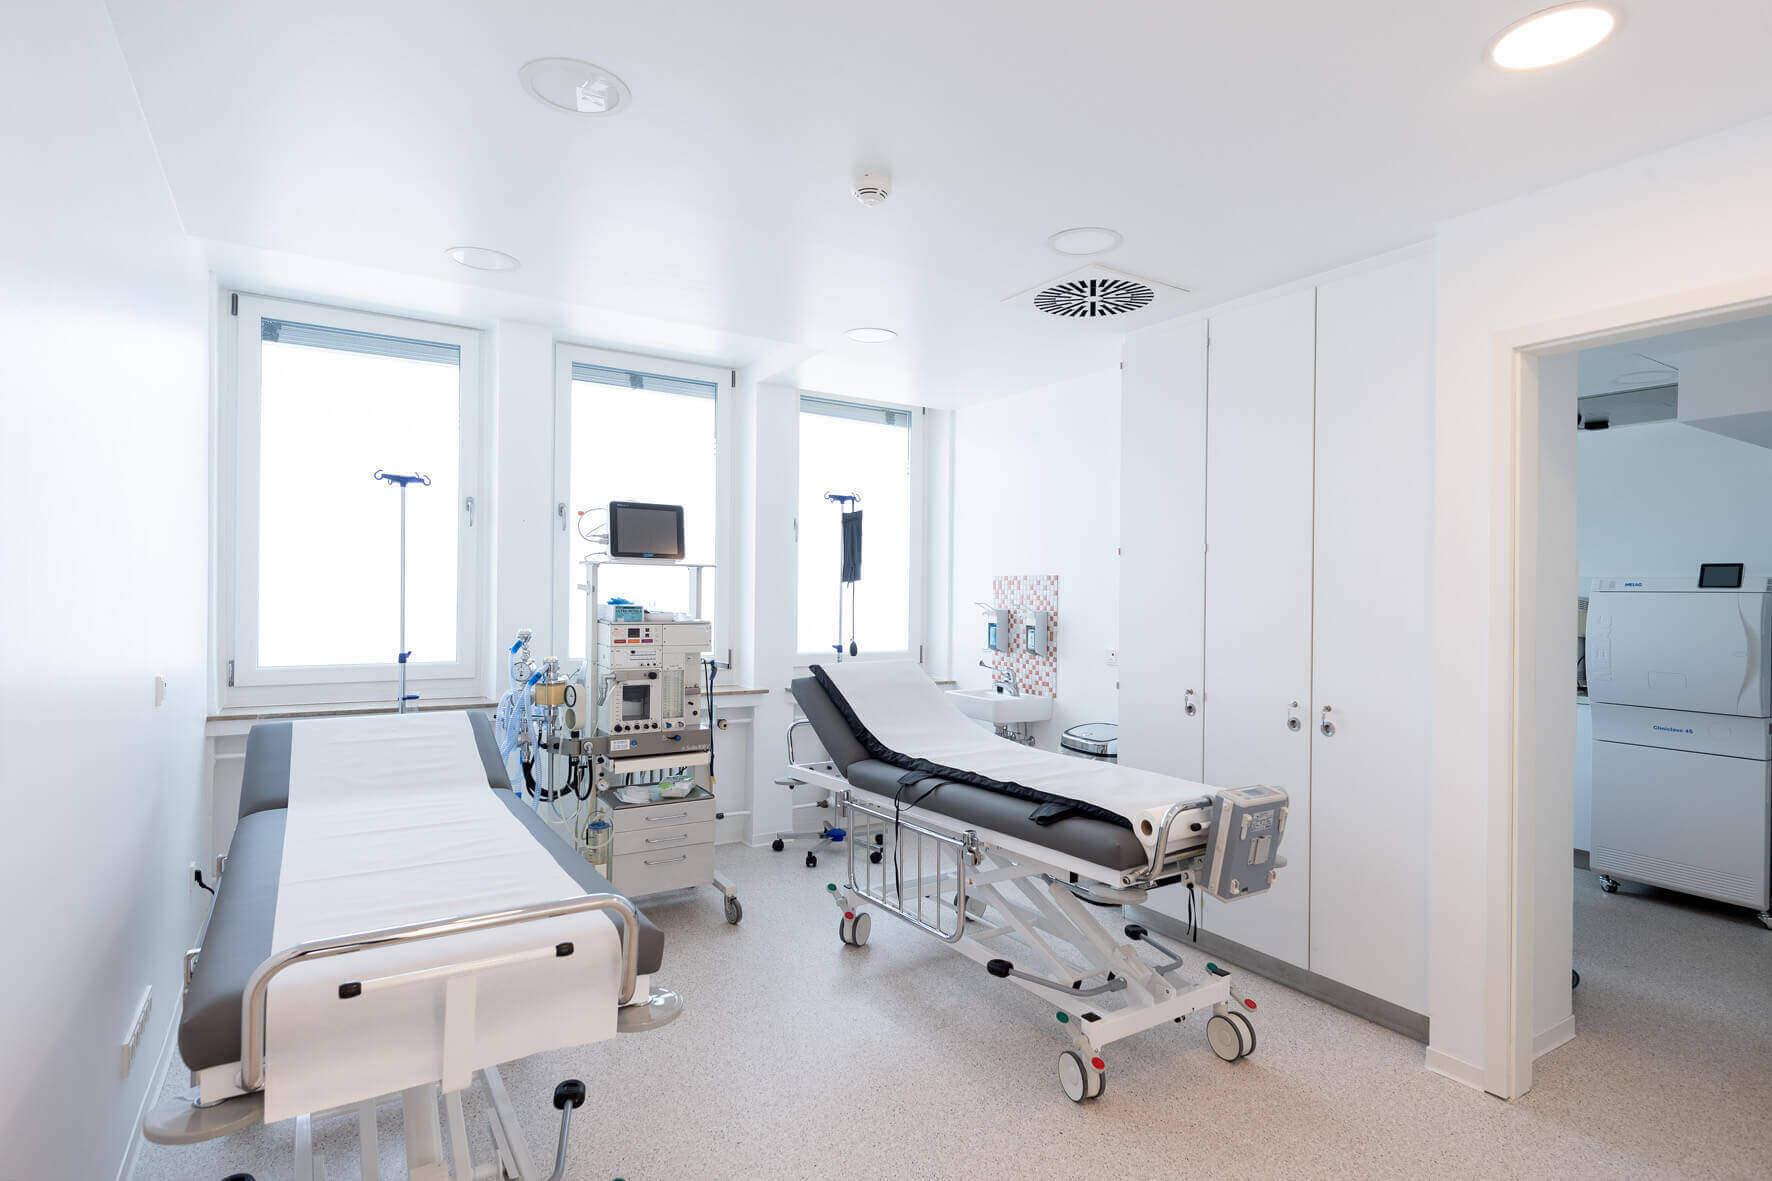 Aufwachraum Noahklinik Kassel